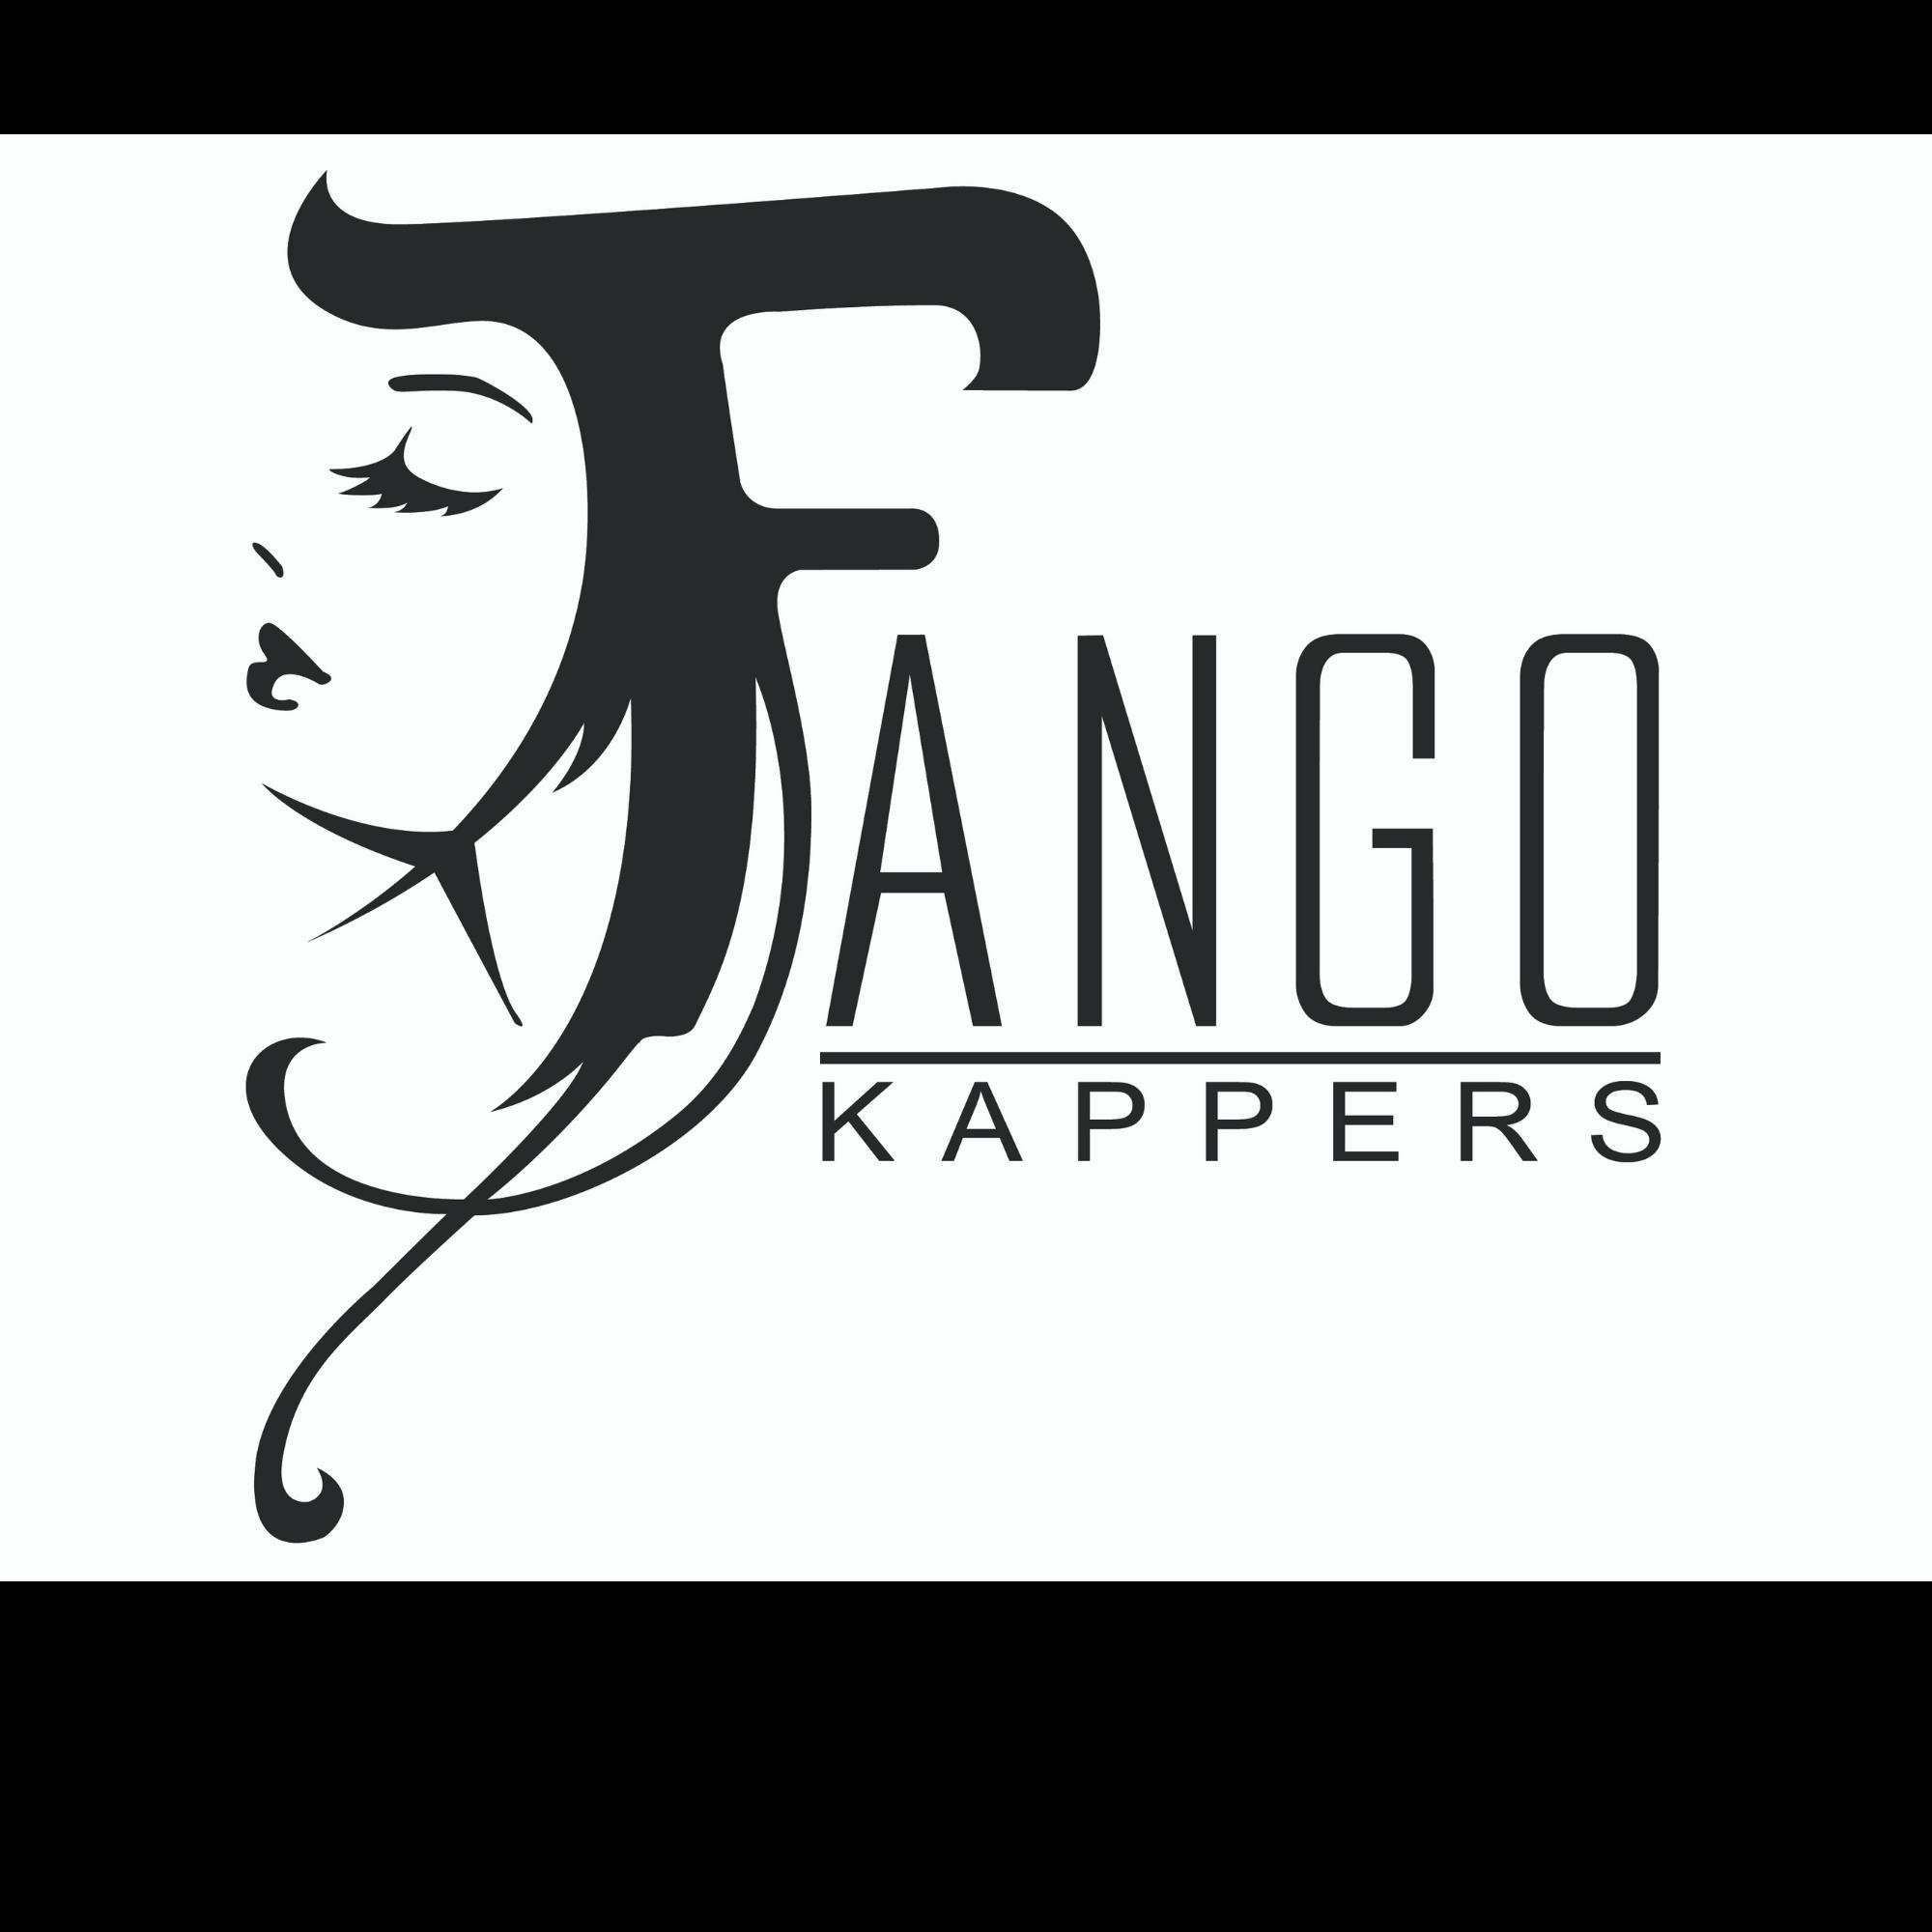 Fango Kappers